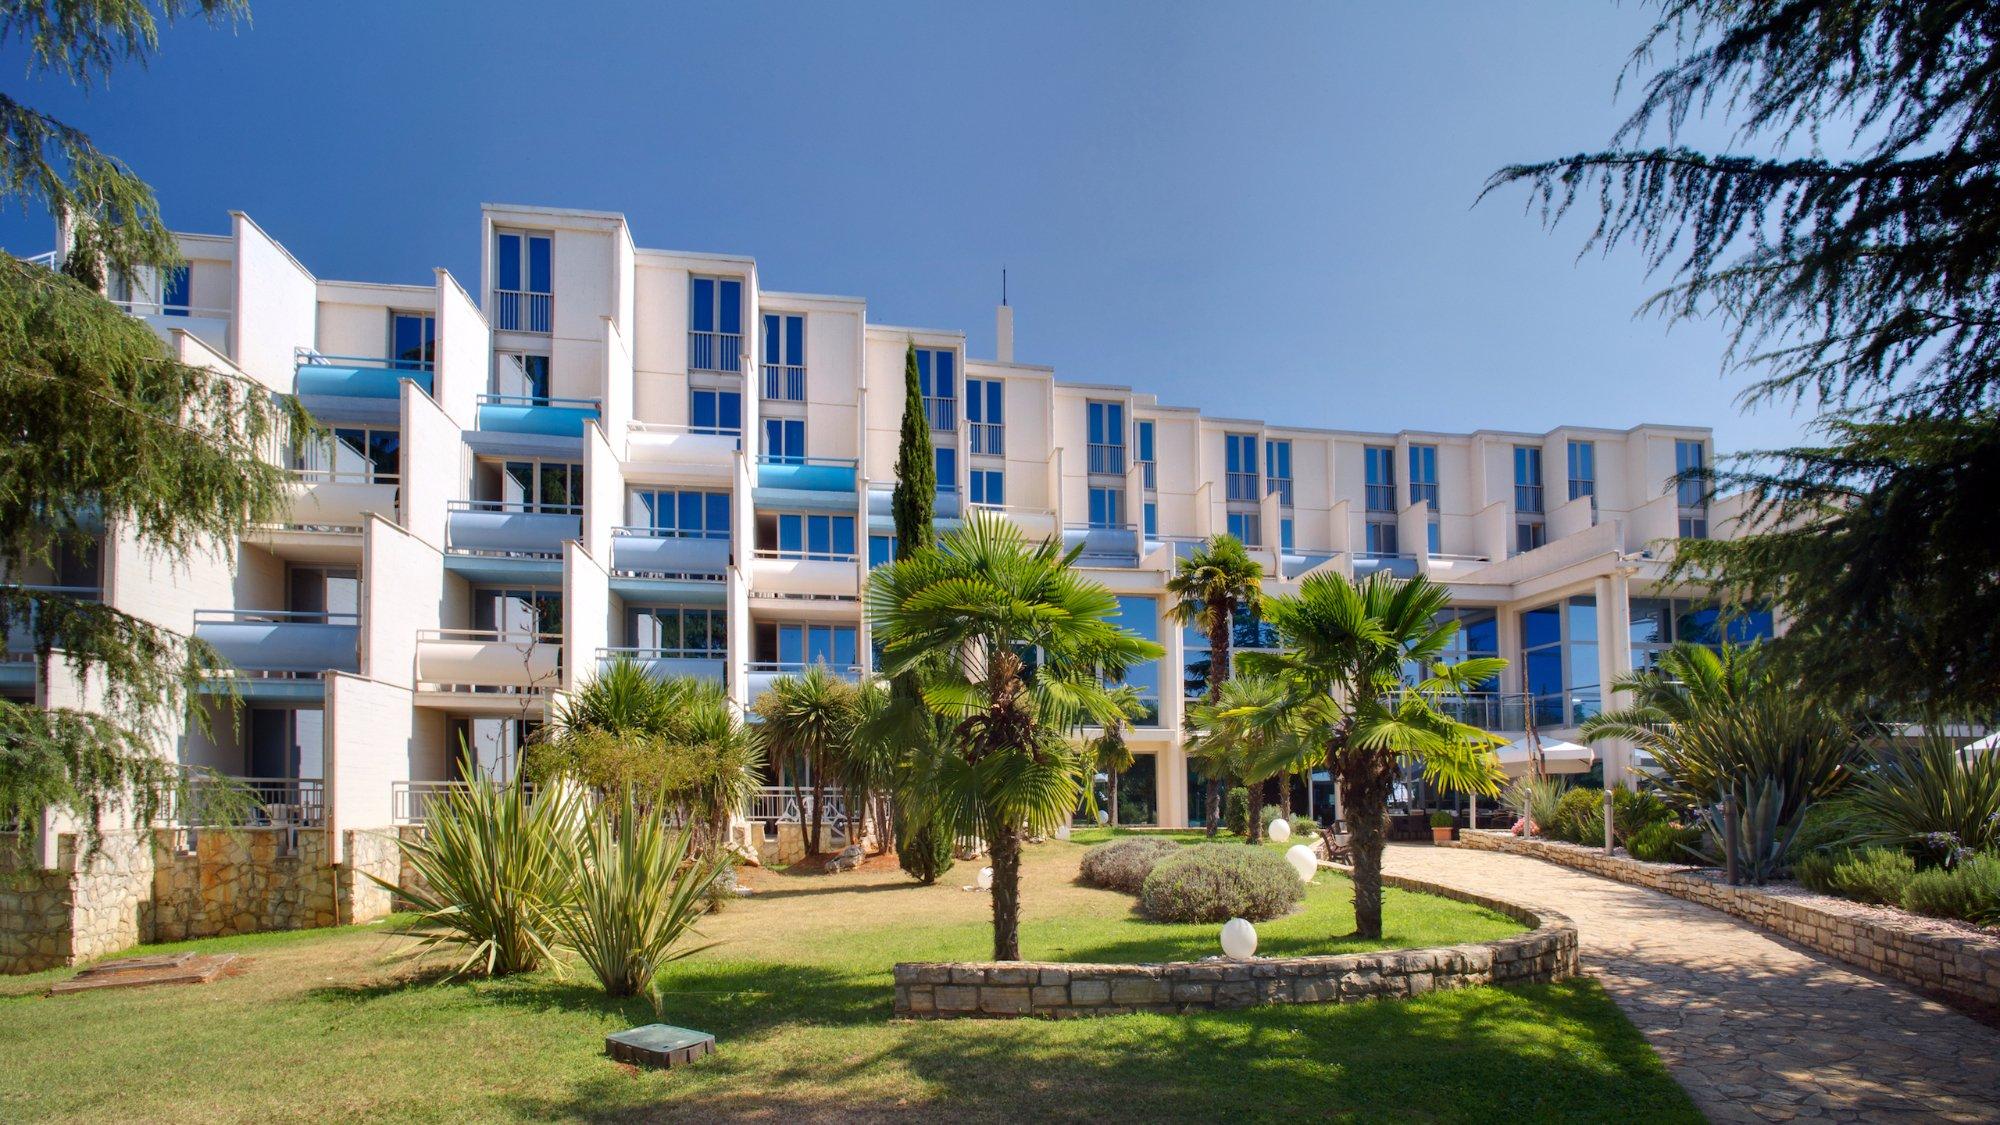 維拉馬爾水晶酒店